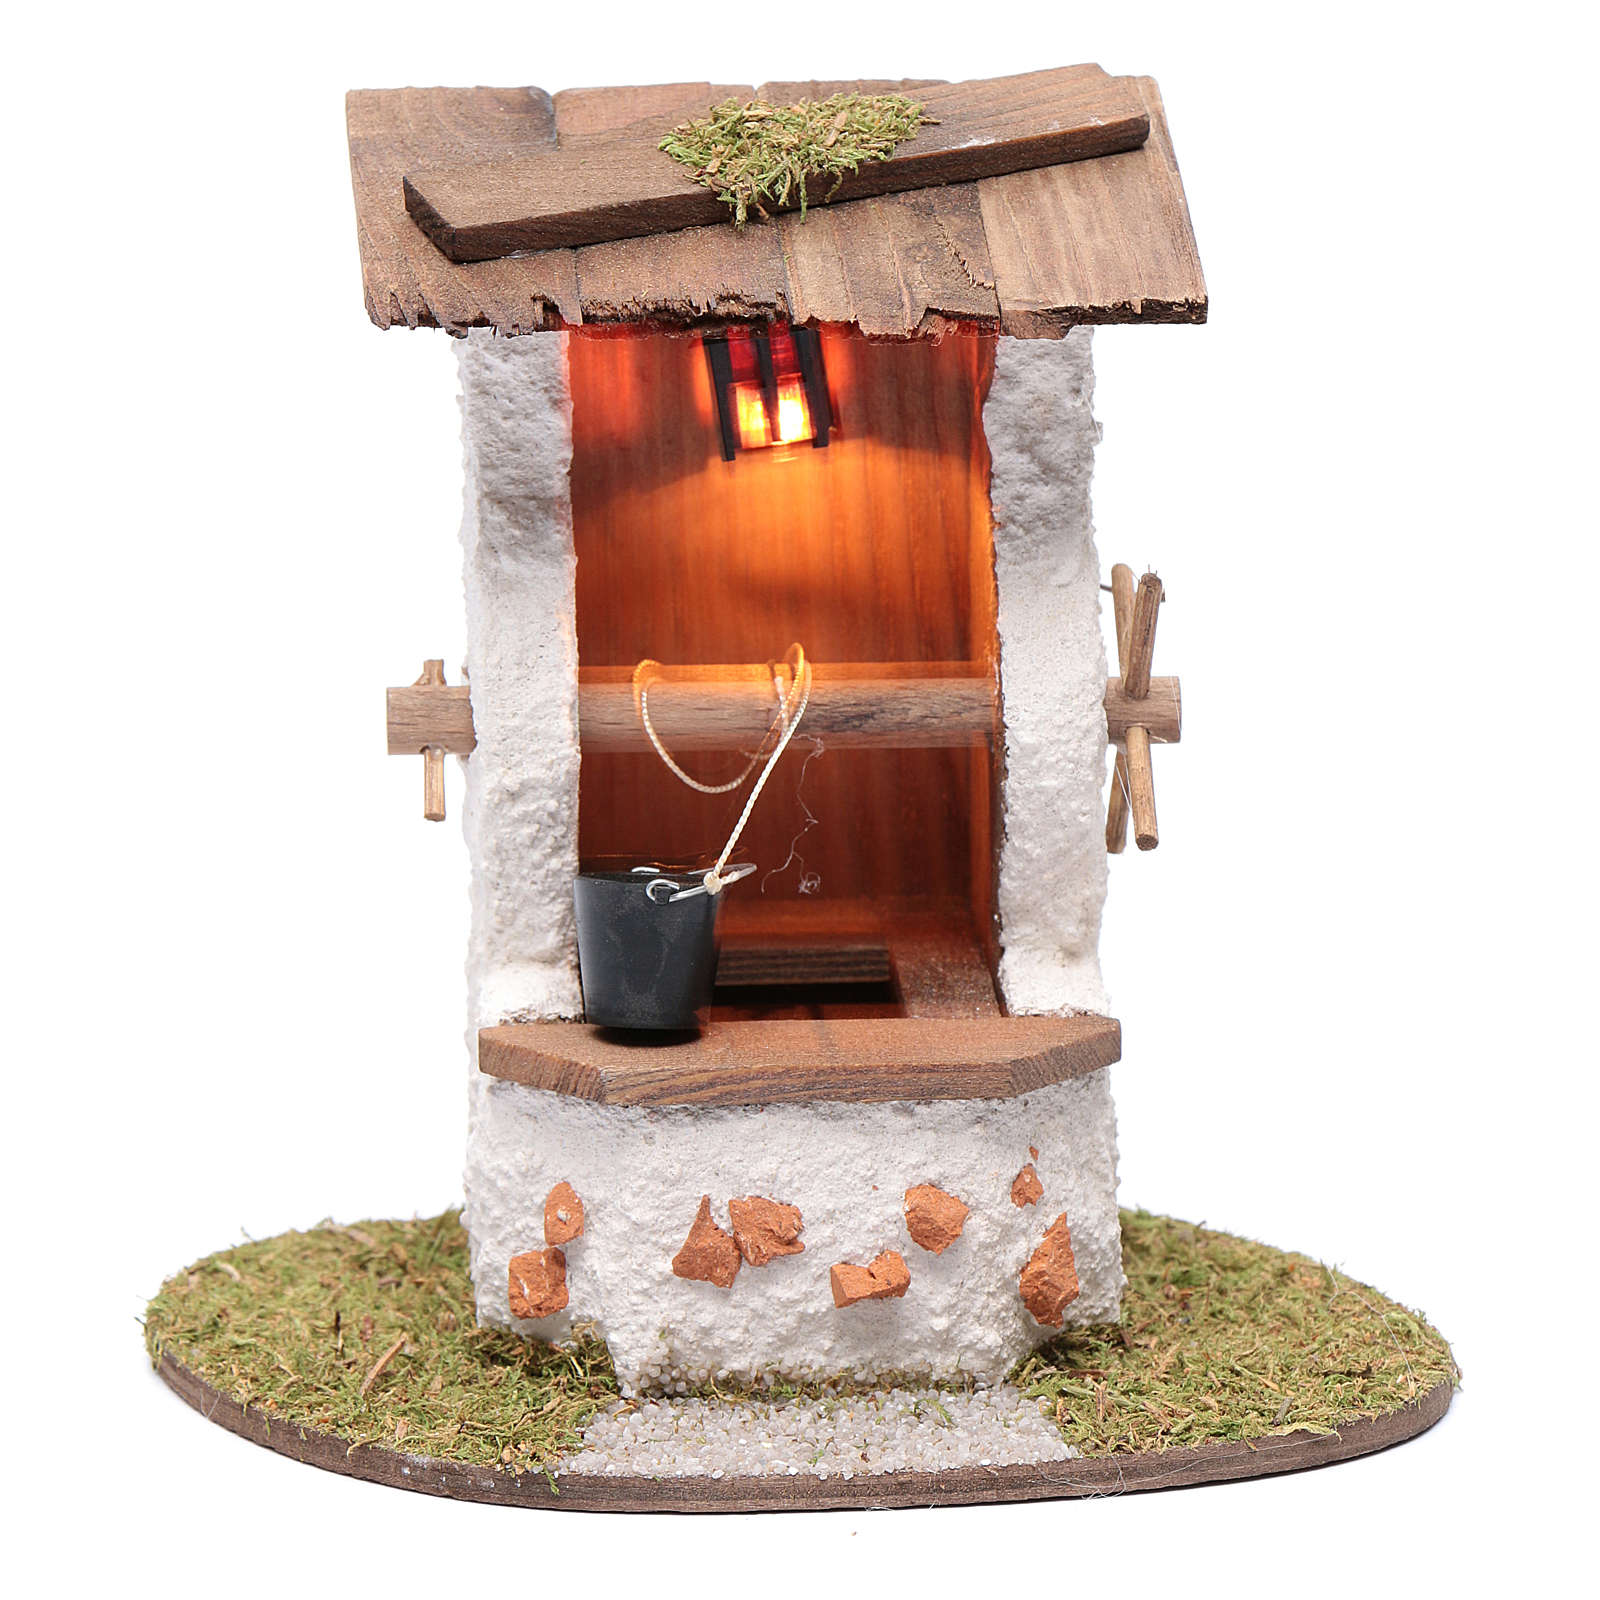 Pozzo con secchio 15x15x10 cm e lanterna illuminata 4